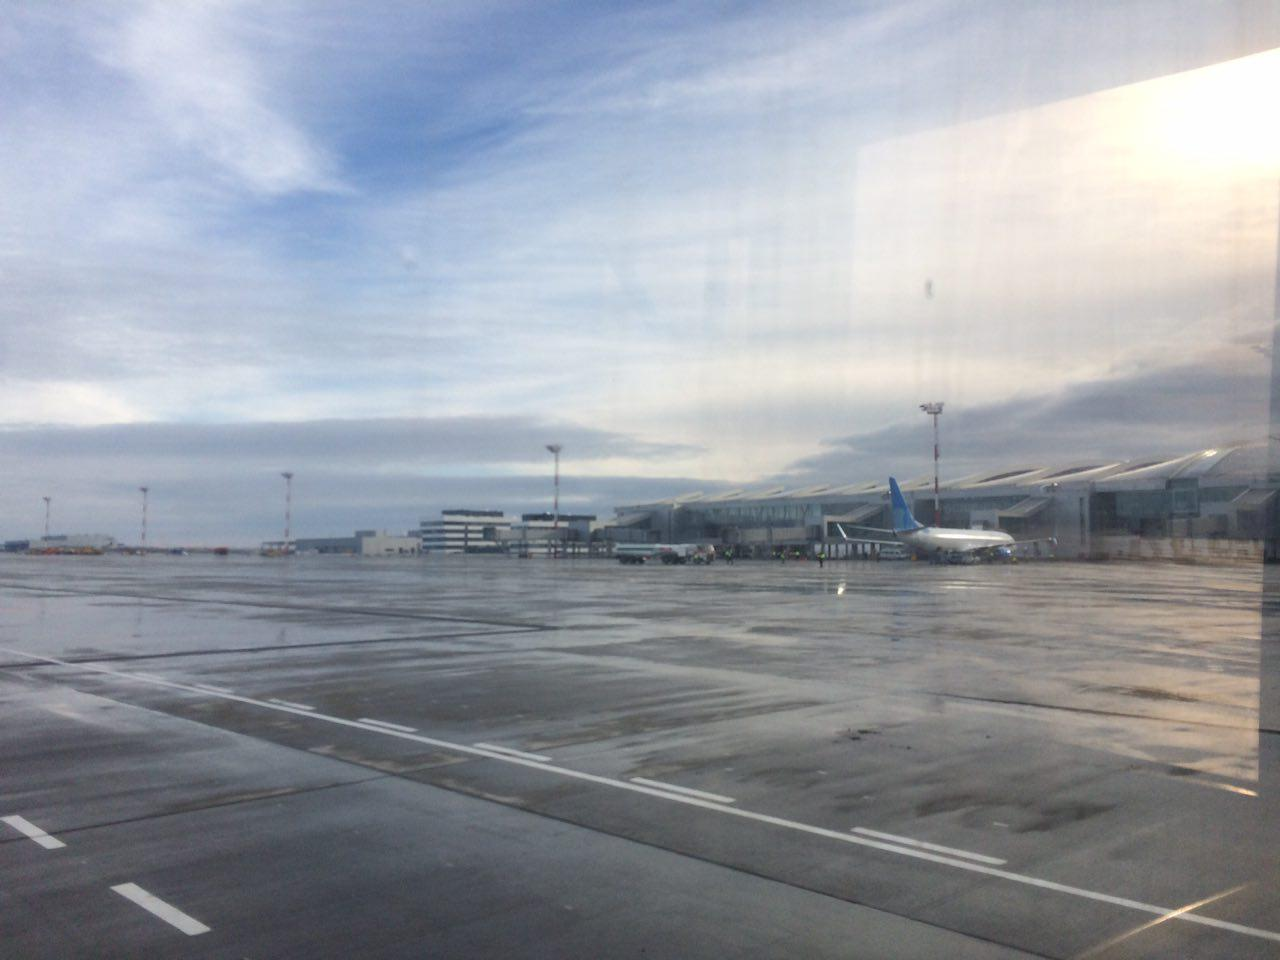 «Аэропорт, который заслуживает удивления»: под Ростовом открыли новый хаб